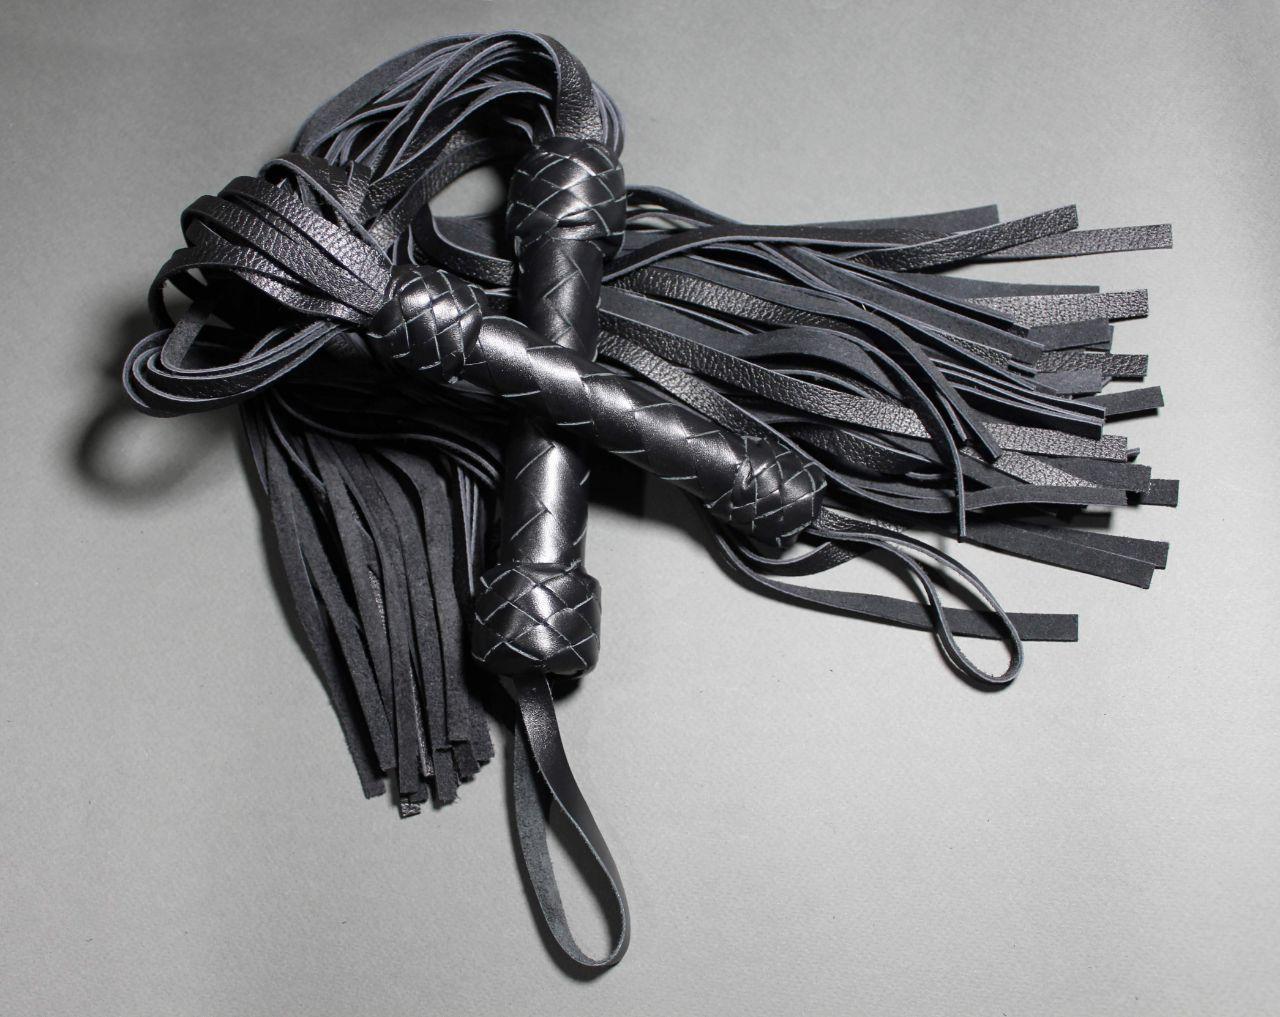 БДСМ Набор Плеть, натуральня кожа, многохвостая черная классика, флогер, Ручная работа